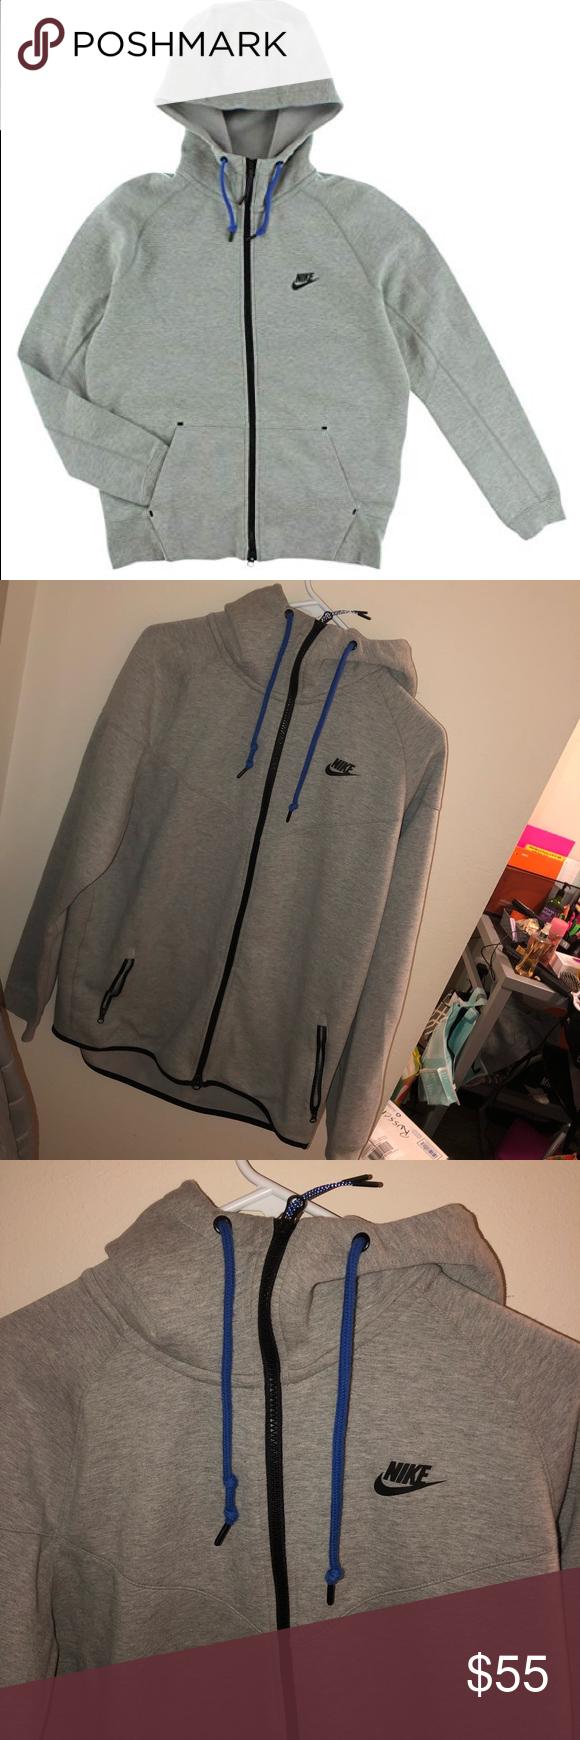 Sold Men S Nike Tech Fleece Zip Up Nike Tech Fleece Nike Tech Tech Fleece [ 1740 x 580 Pixel ]